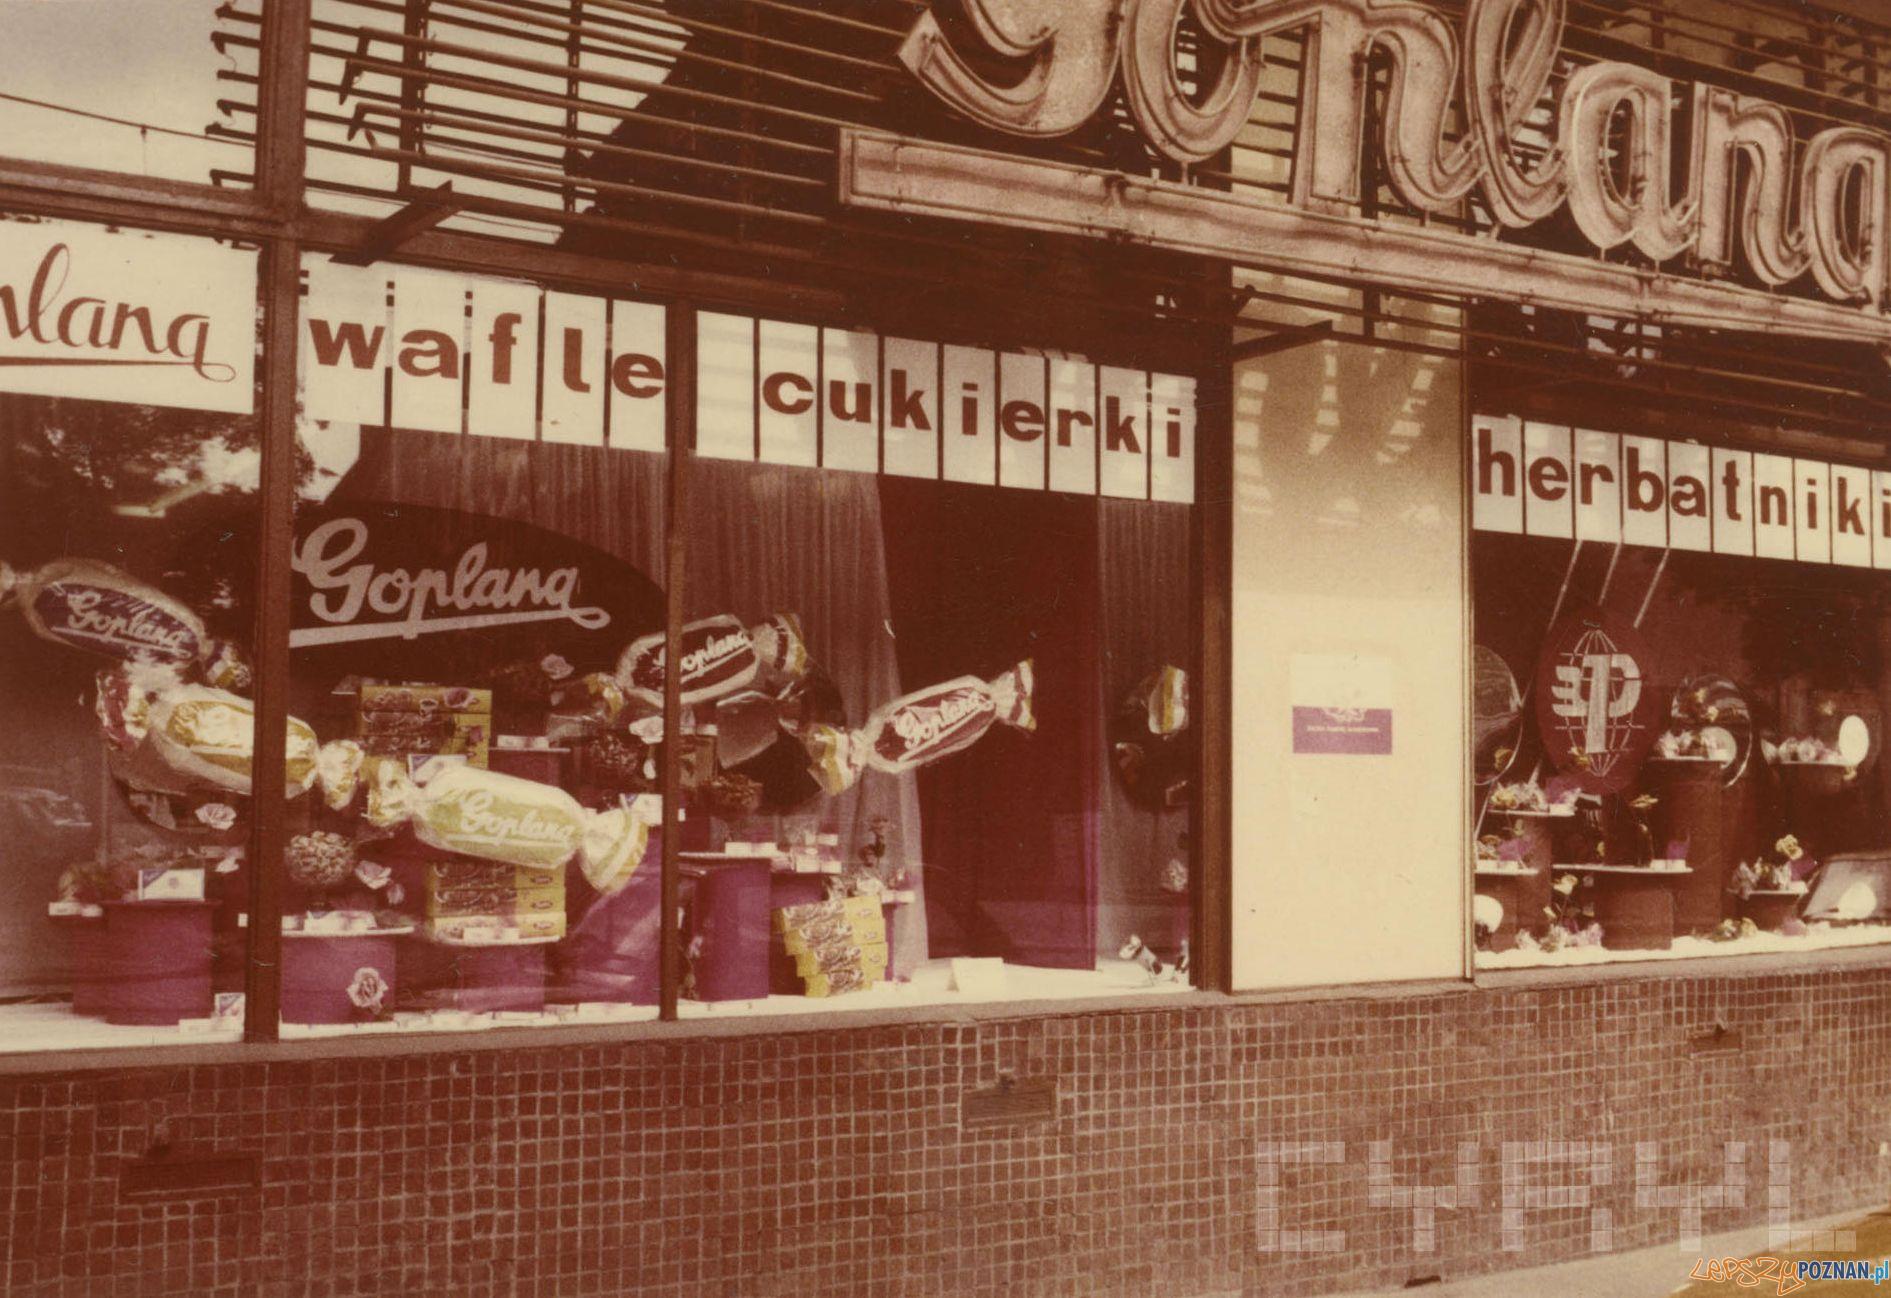 Goplana Kraszewskiego 14 - 1989 PSS Spolem Cyryl  Foto: PSS Spolem - Cyryl